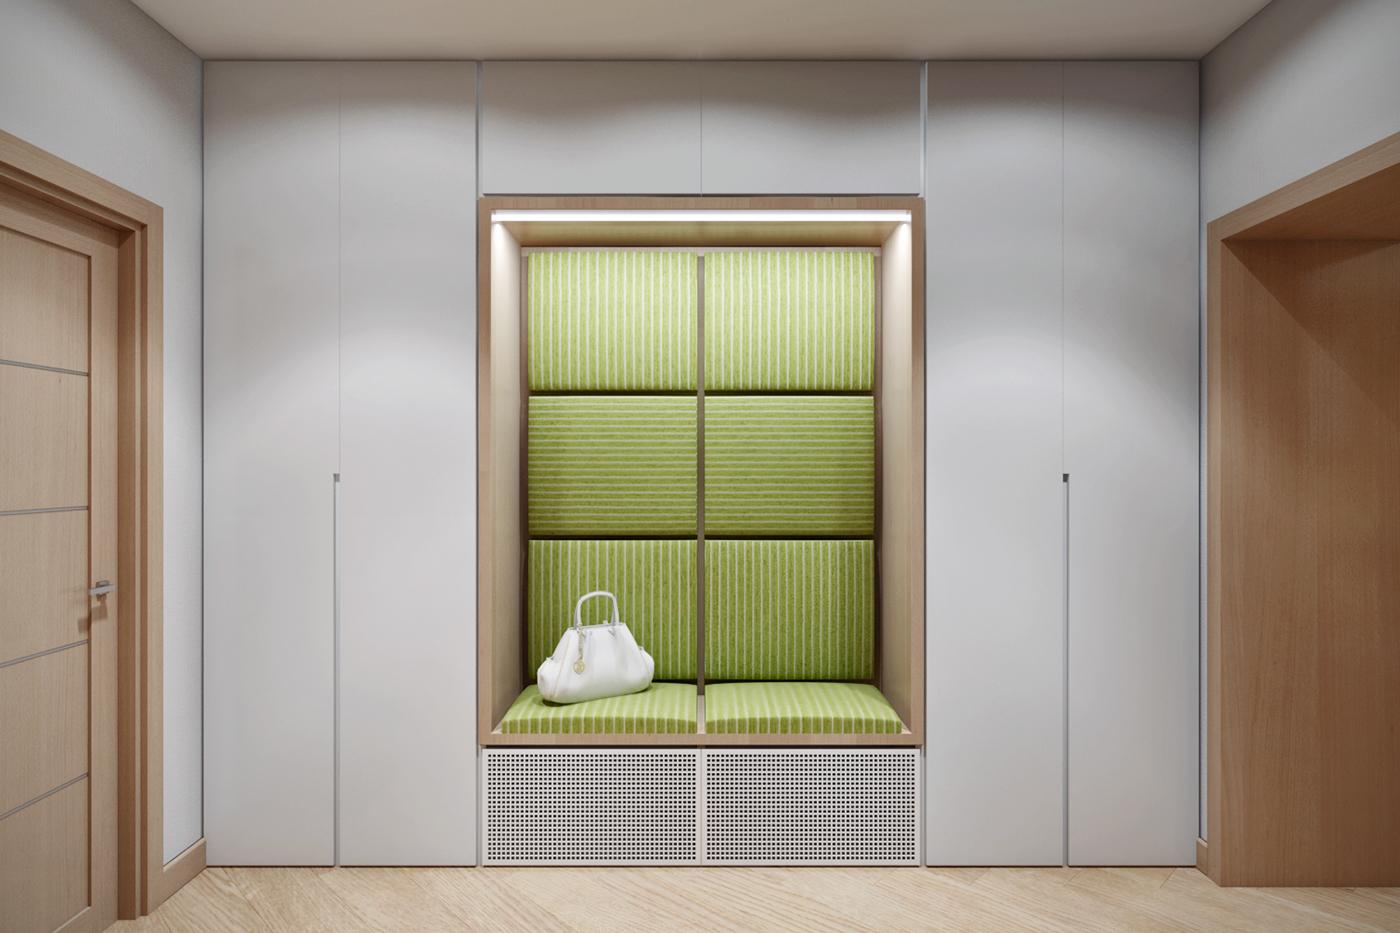 встроенный шкаф в серо-зеленых тонах